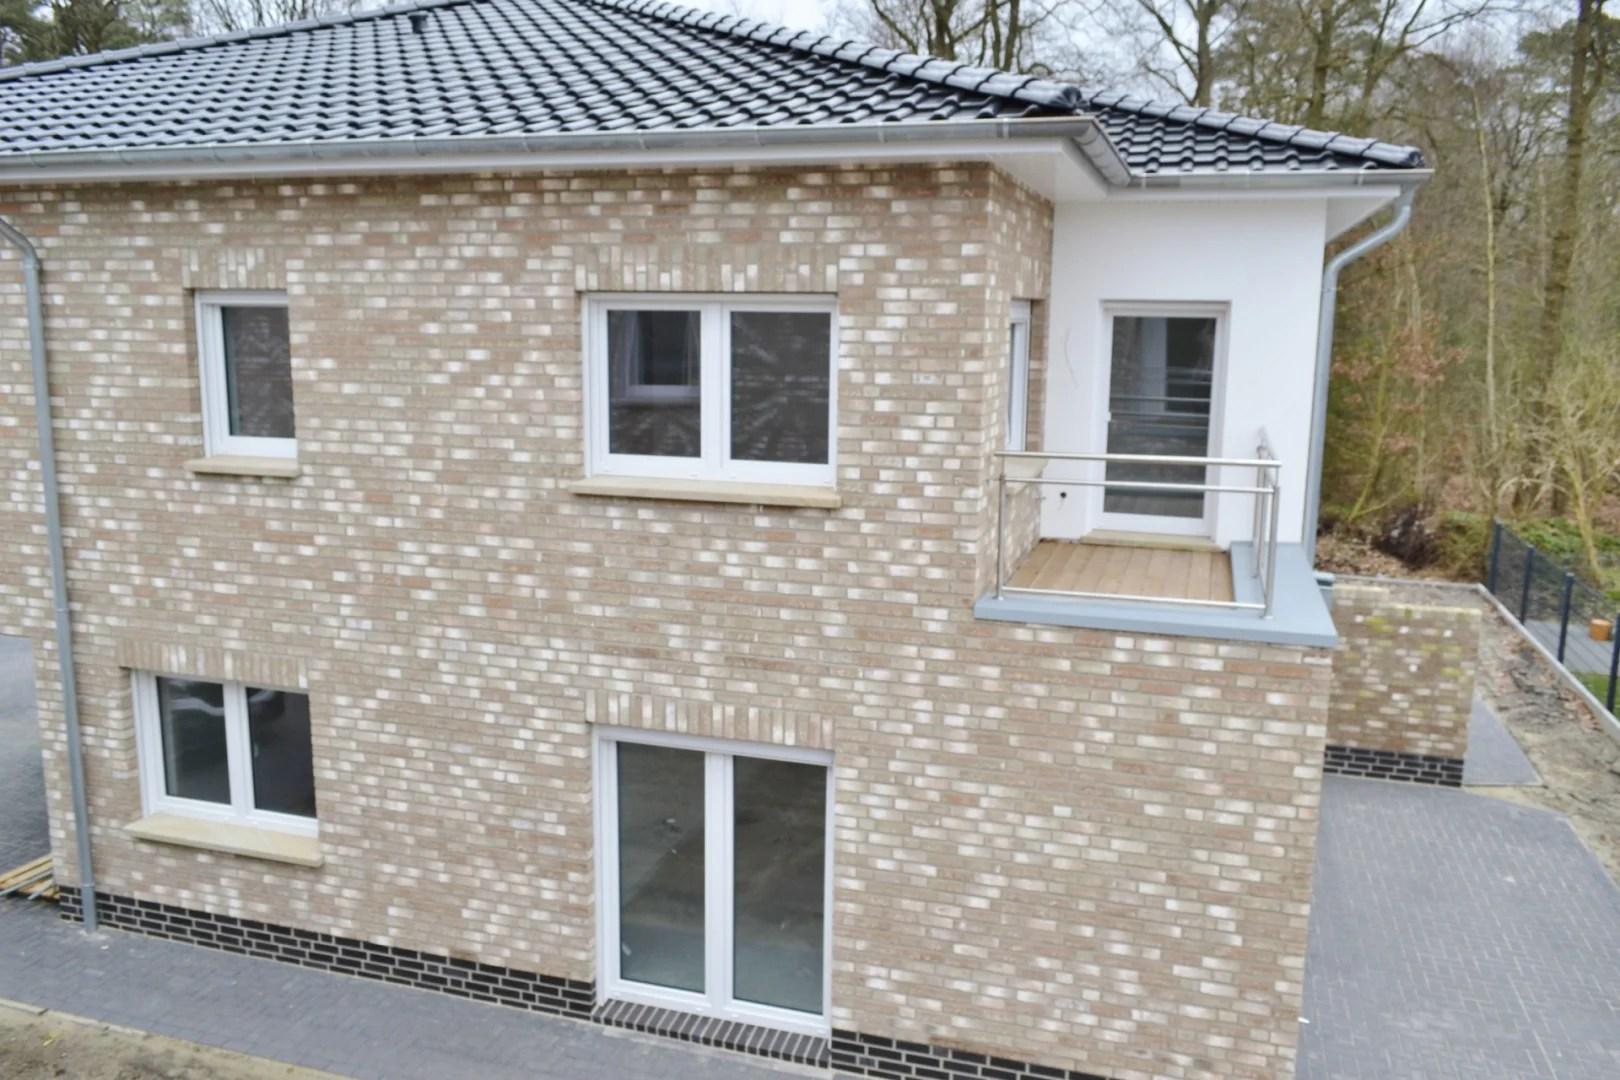 Erdgeschosswohnung Kfw. 40 Neubau, in geringer Entfernung zu Oldenburg, zu verkaufen I Expose 127/19